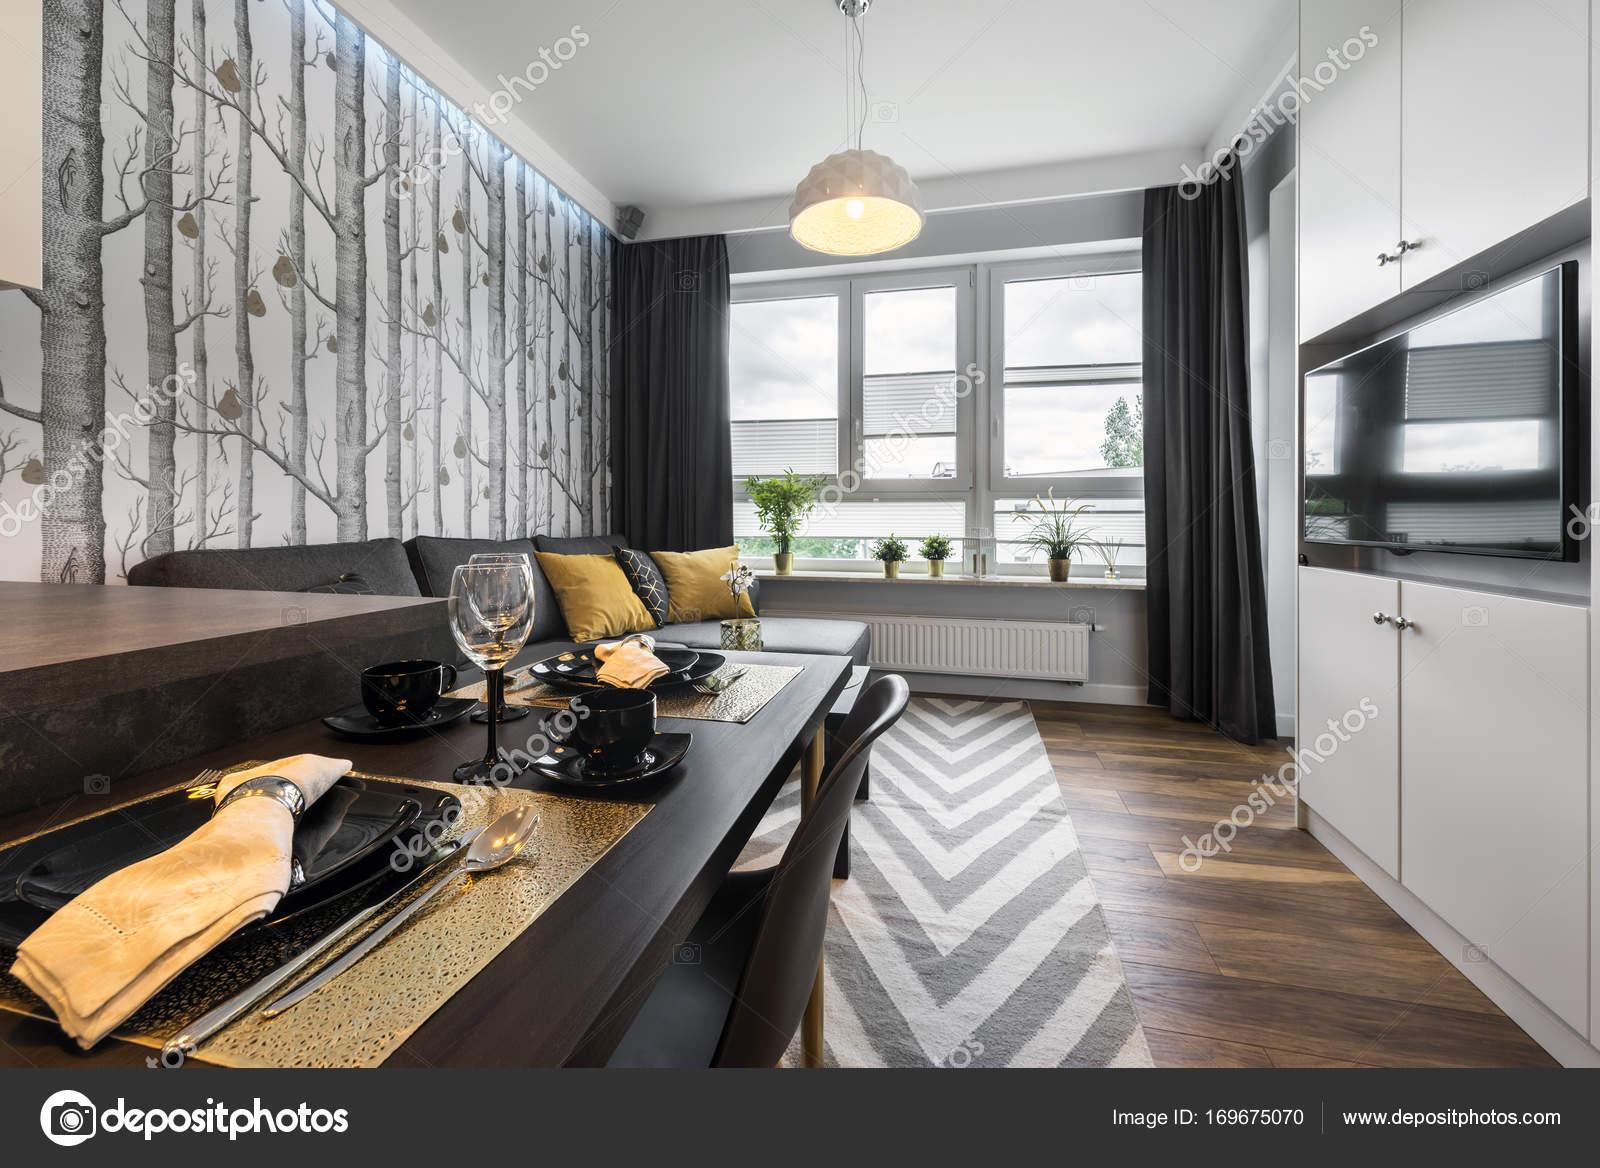 modernes interior design kleines wohnzimmer ? stockfoto ... - Interior Design Wohnzimmer Modern